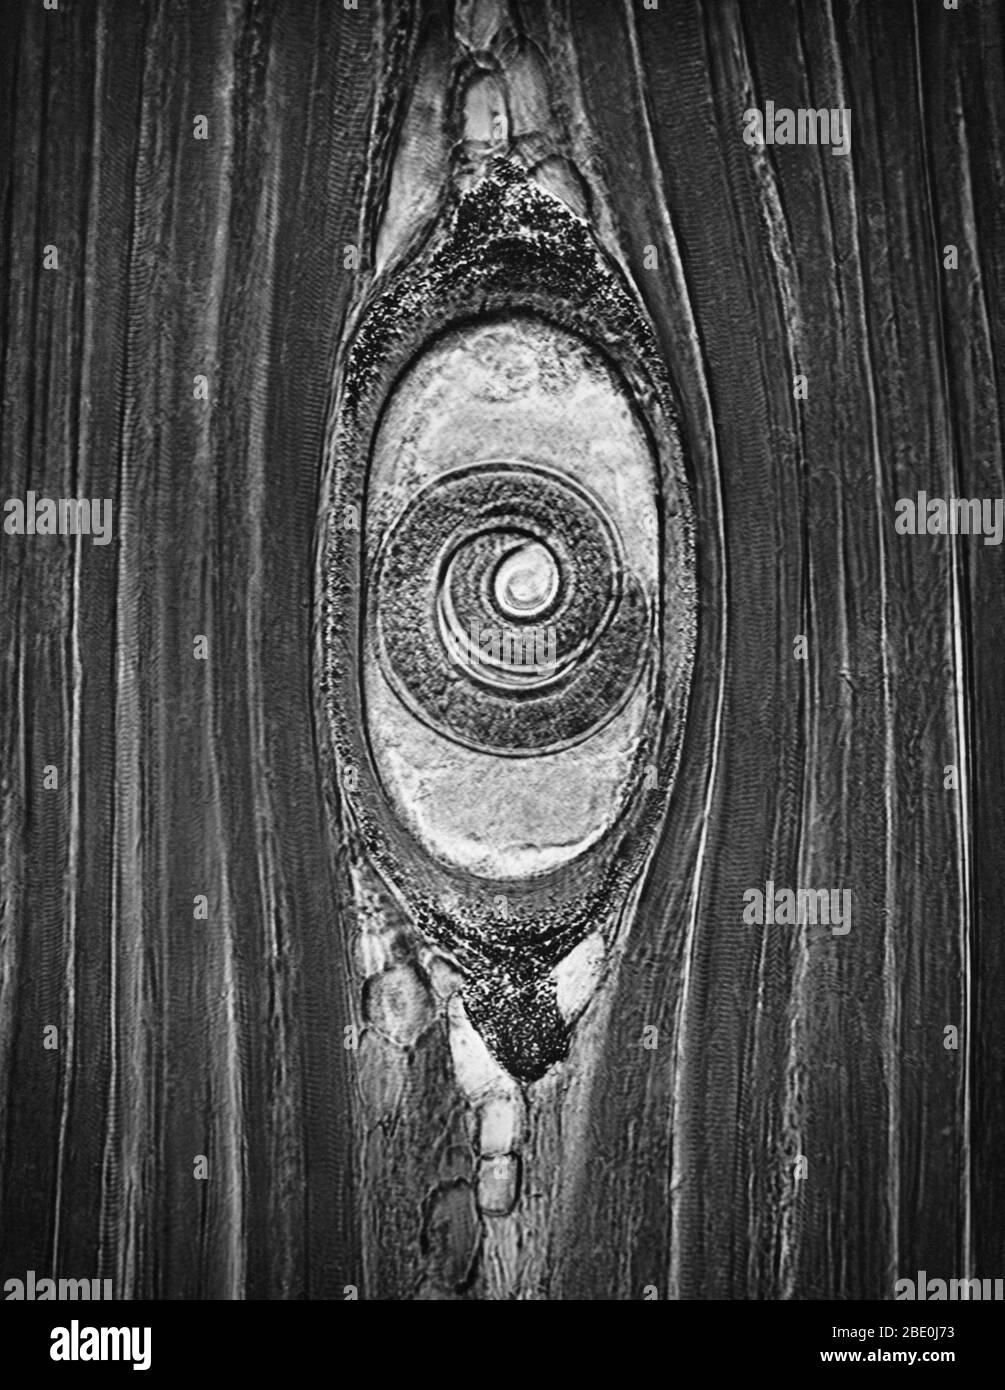 Micrographe léger du muscle avec Trichinella spiralis encystiné, un parasite nématode responsable de la trichinose de la maladie. Agrandissement : 300 X. Banque D'Images